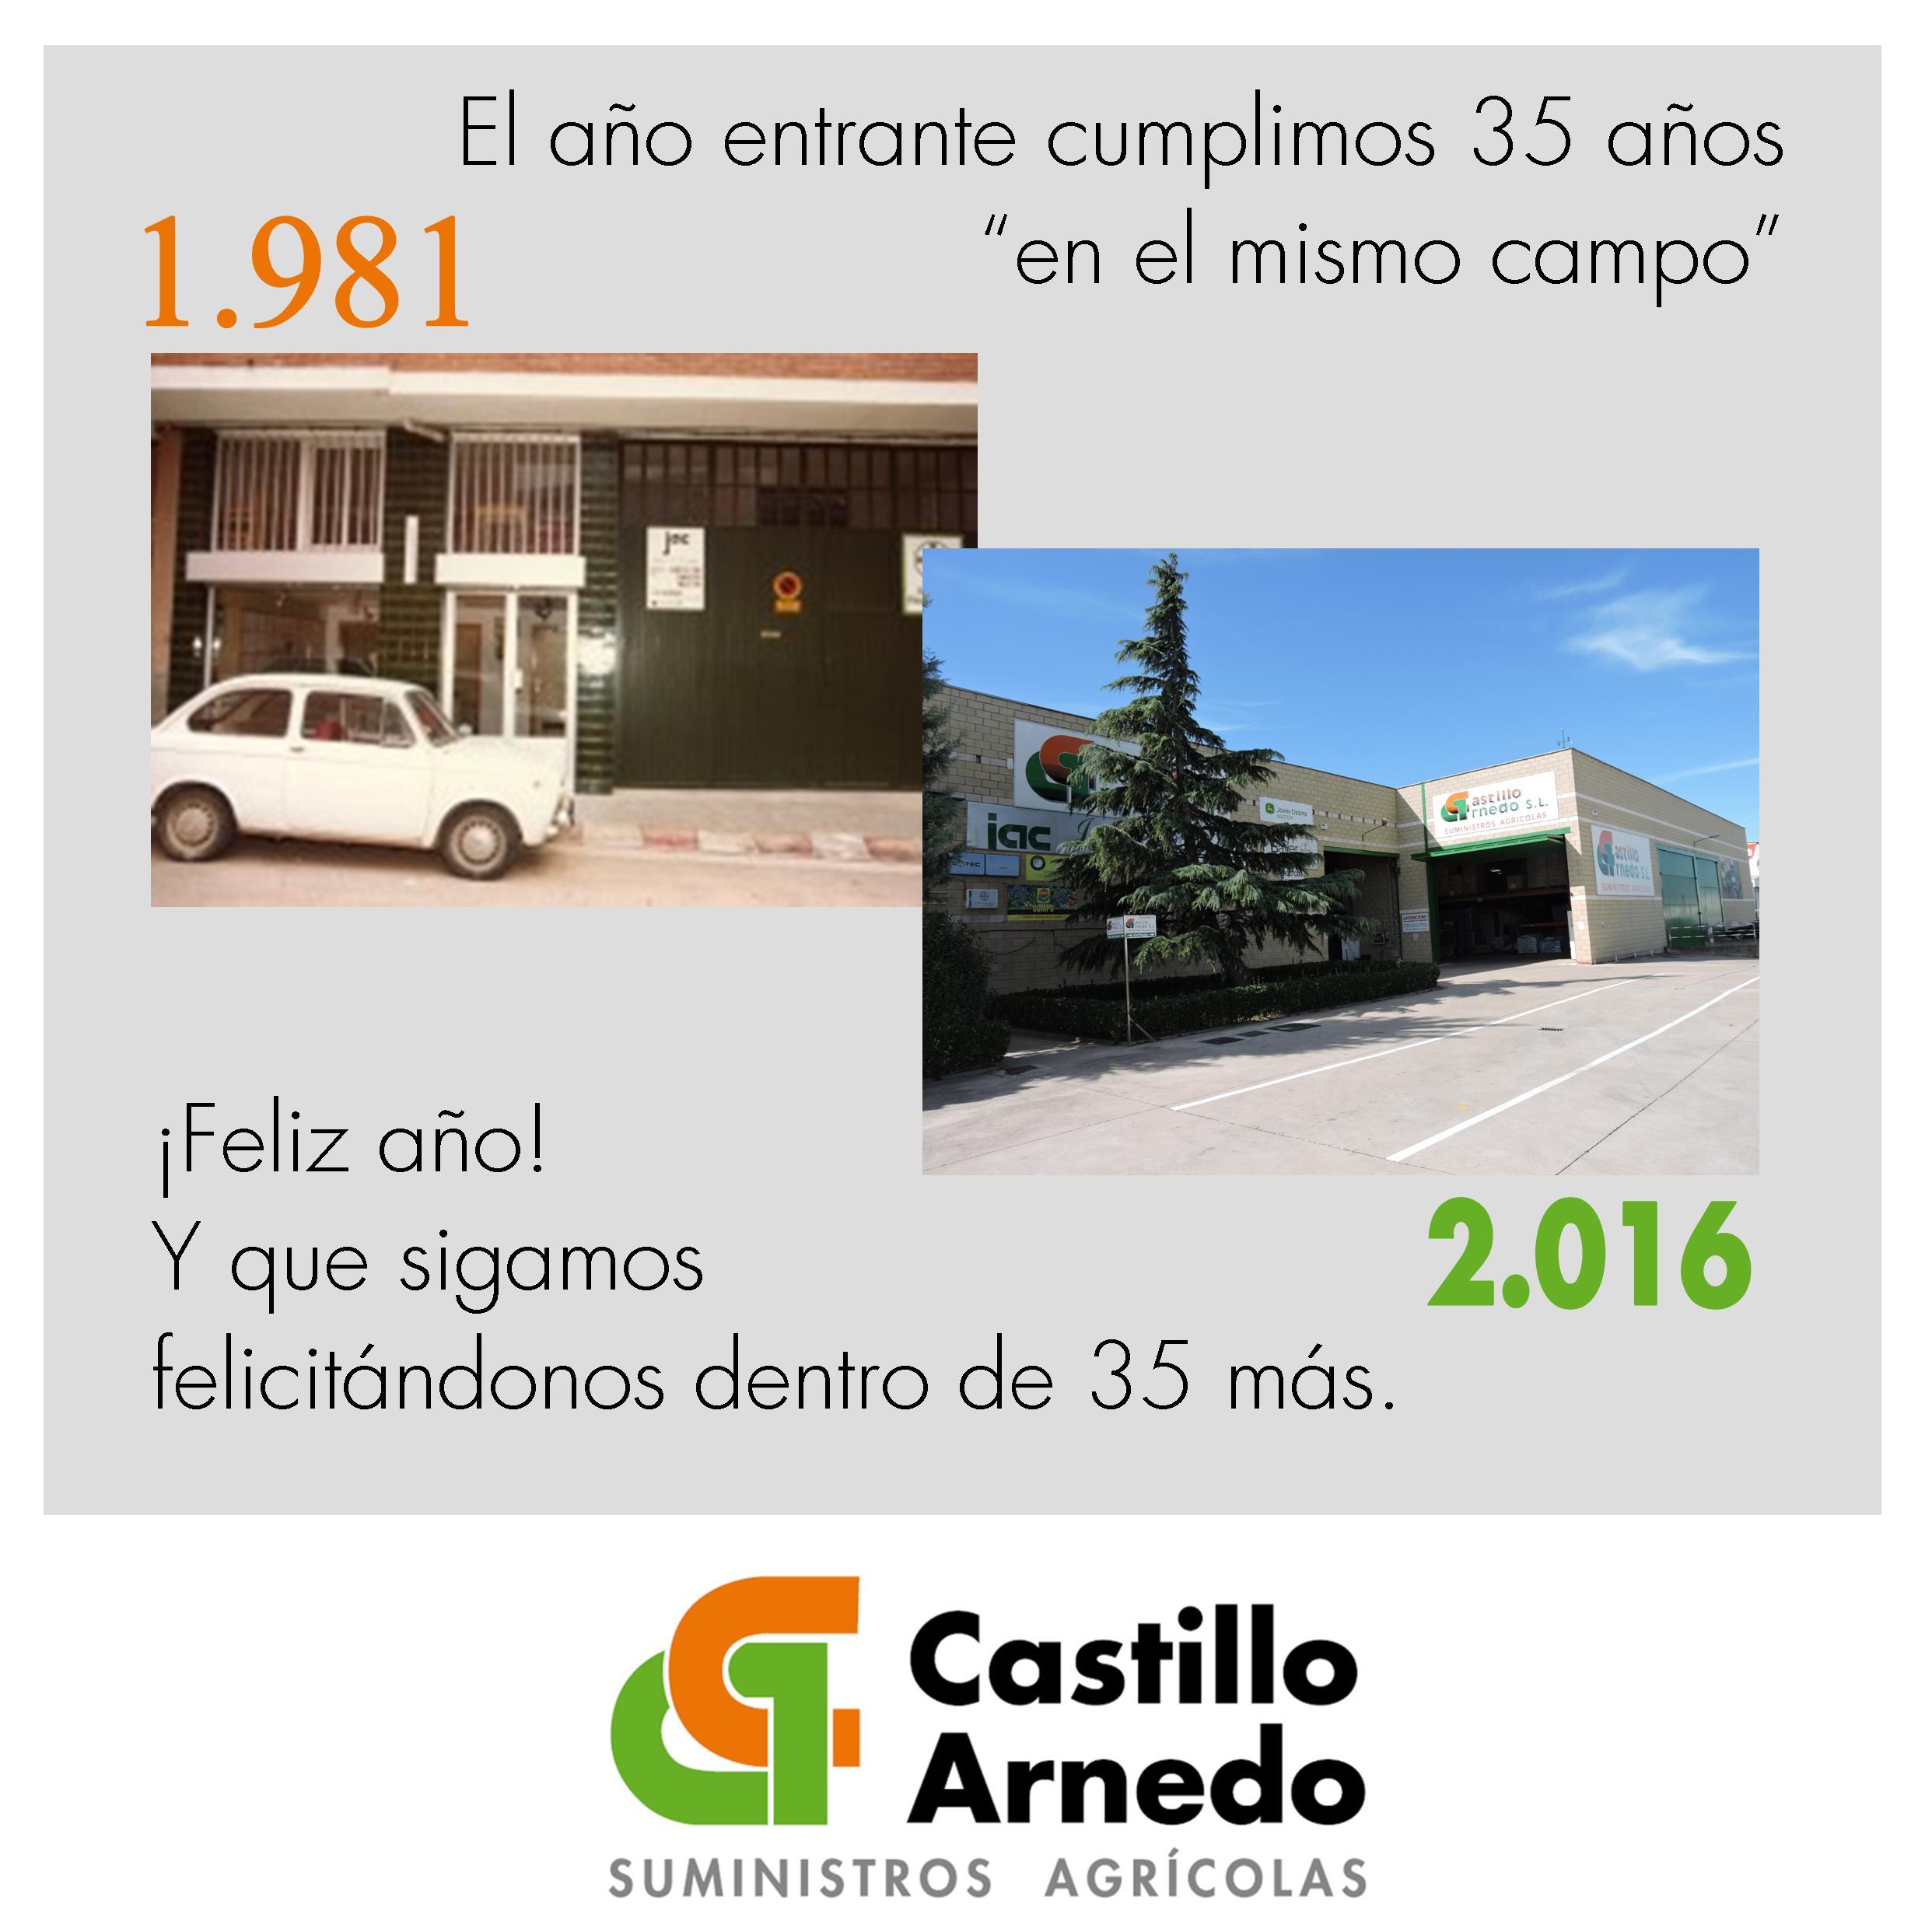 Feliz año 2016 desde Castillo Arnedo